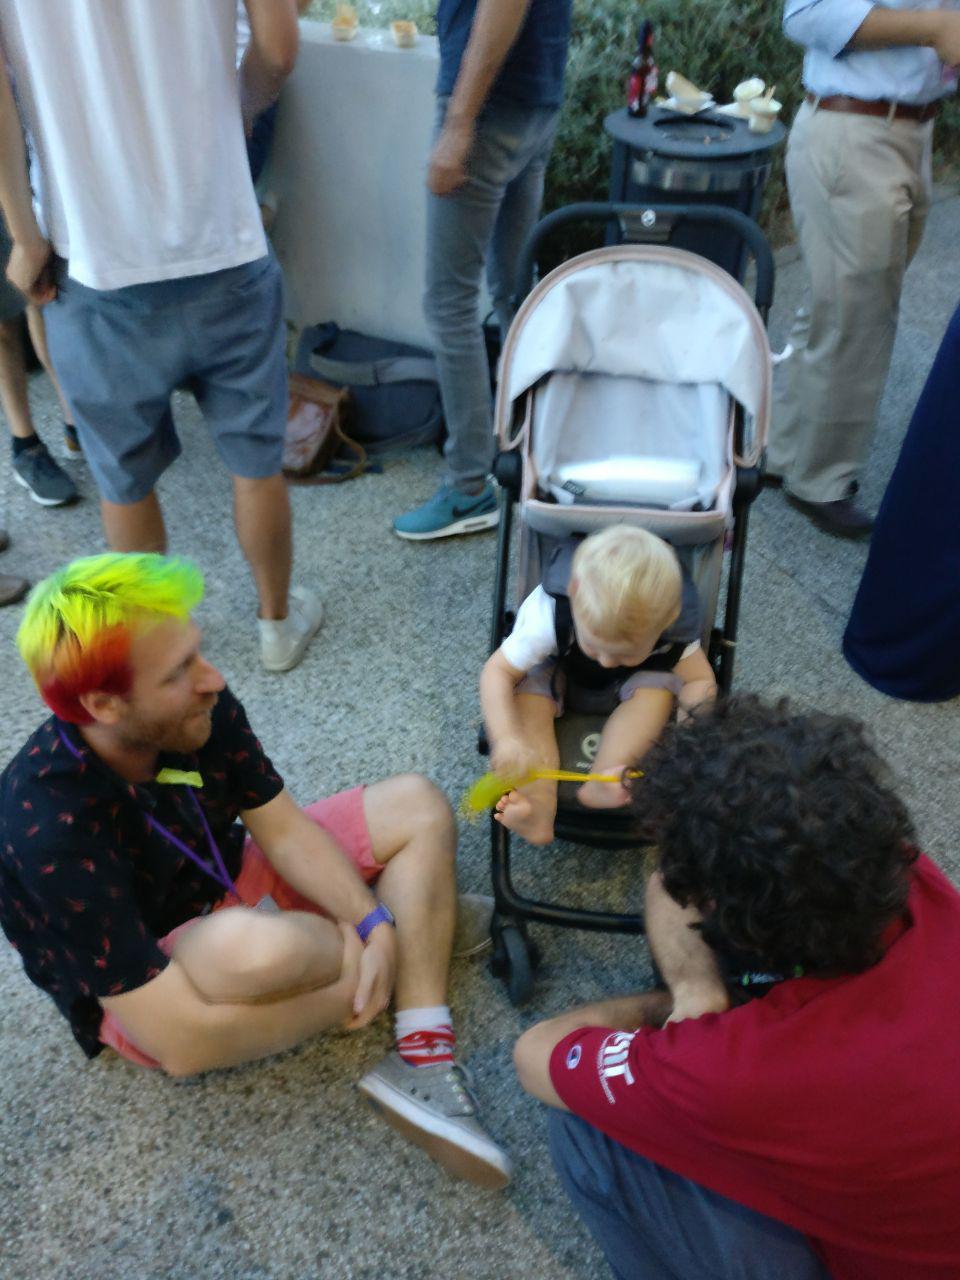 Lexie, filha do Romain François (o do cabelo colorido), brincando com o Daniel Falbel. Coisa mais fofa!